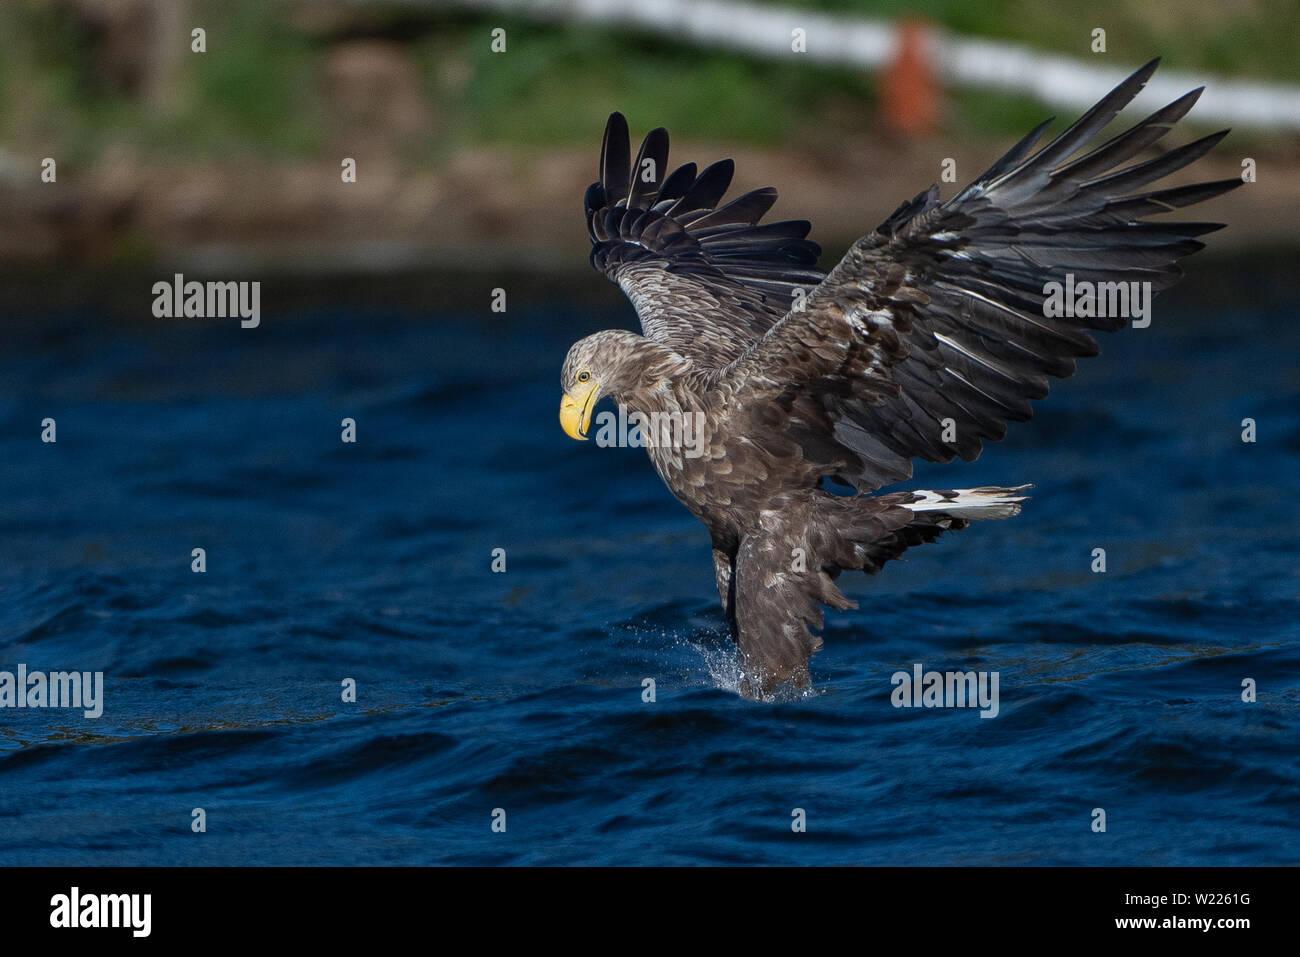 Seeadler, Adler, Vogel, Bird, Haliaeetus albicilla, Greifvogel, White-tailed eagle, fishing, fängt Fisch, Stock Photo